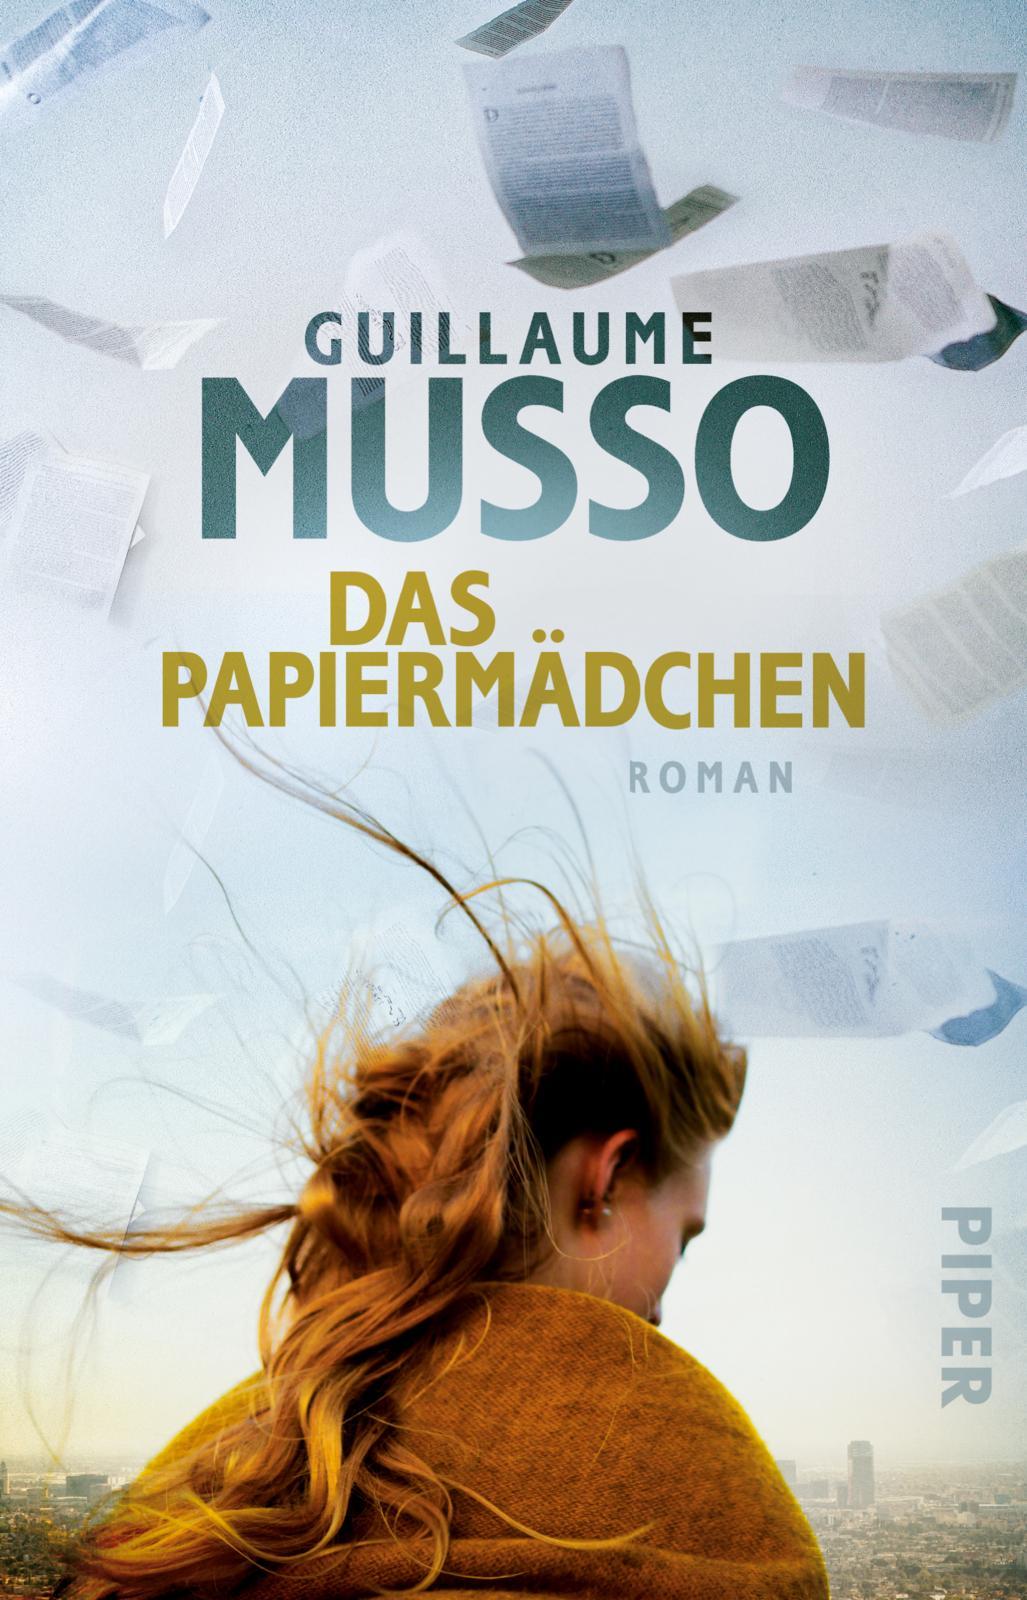 Das Papiermädchen von Guillaume Musso